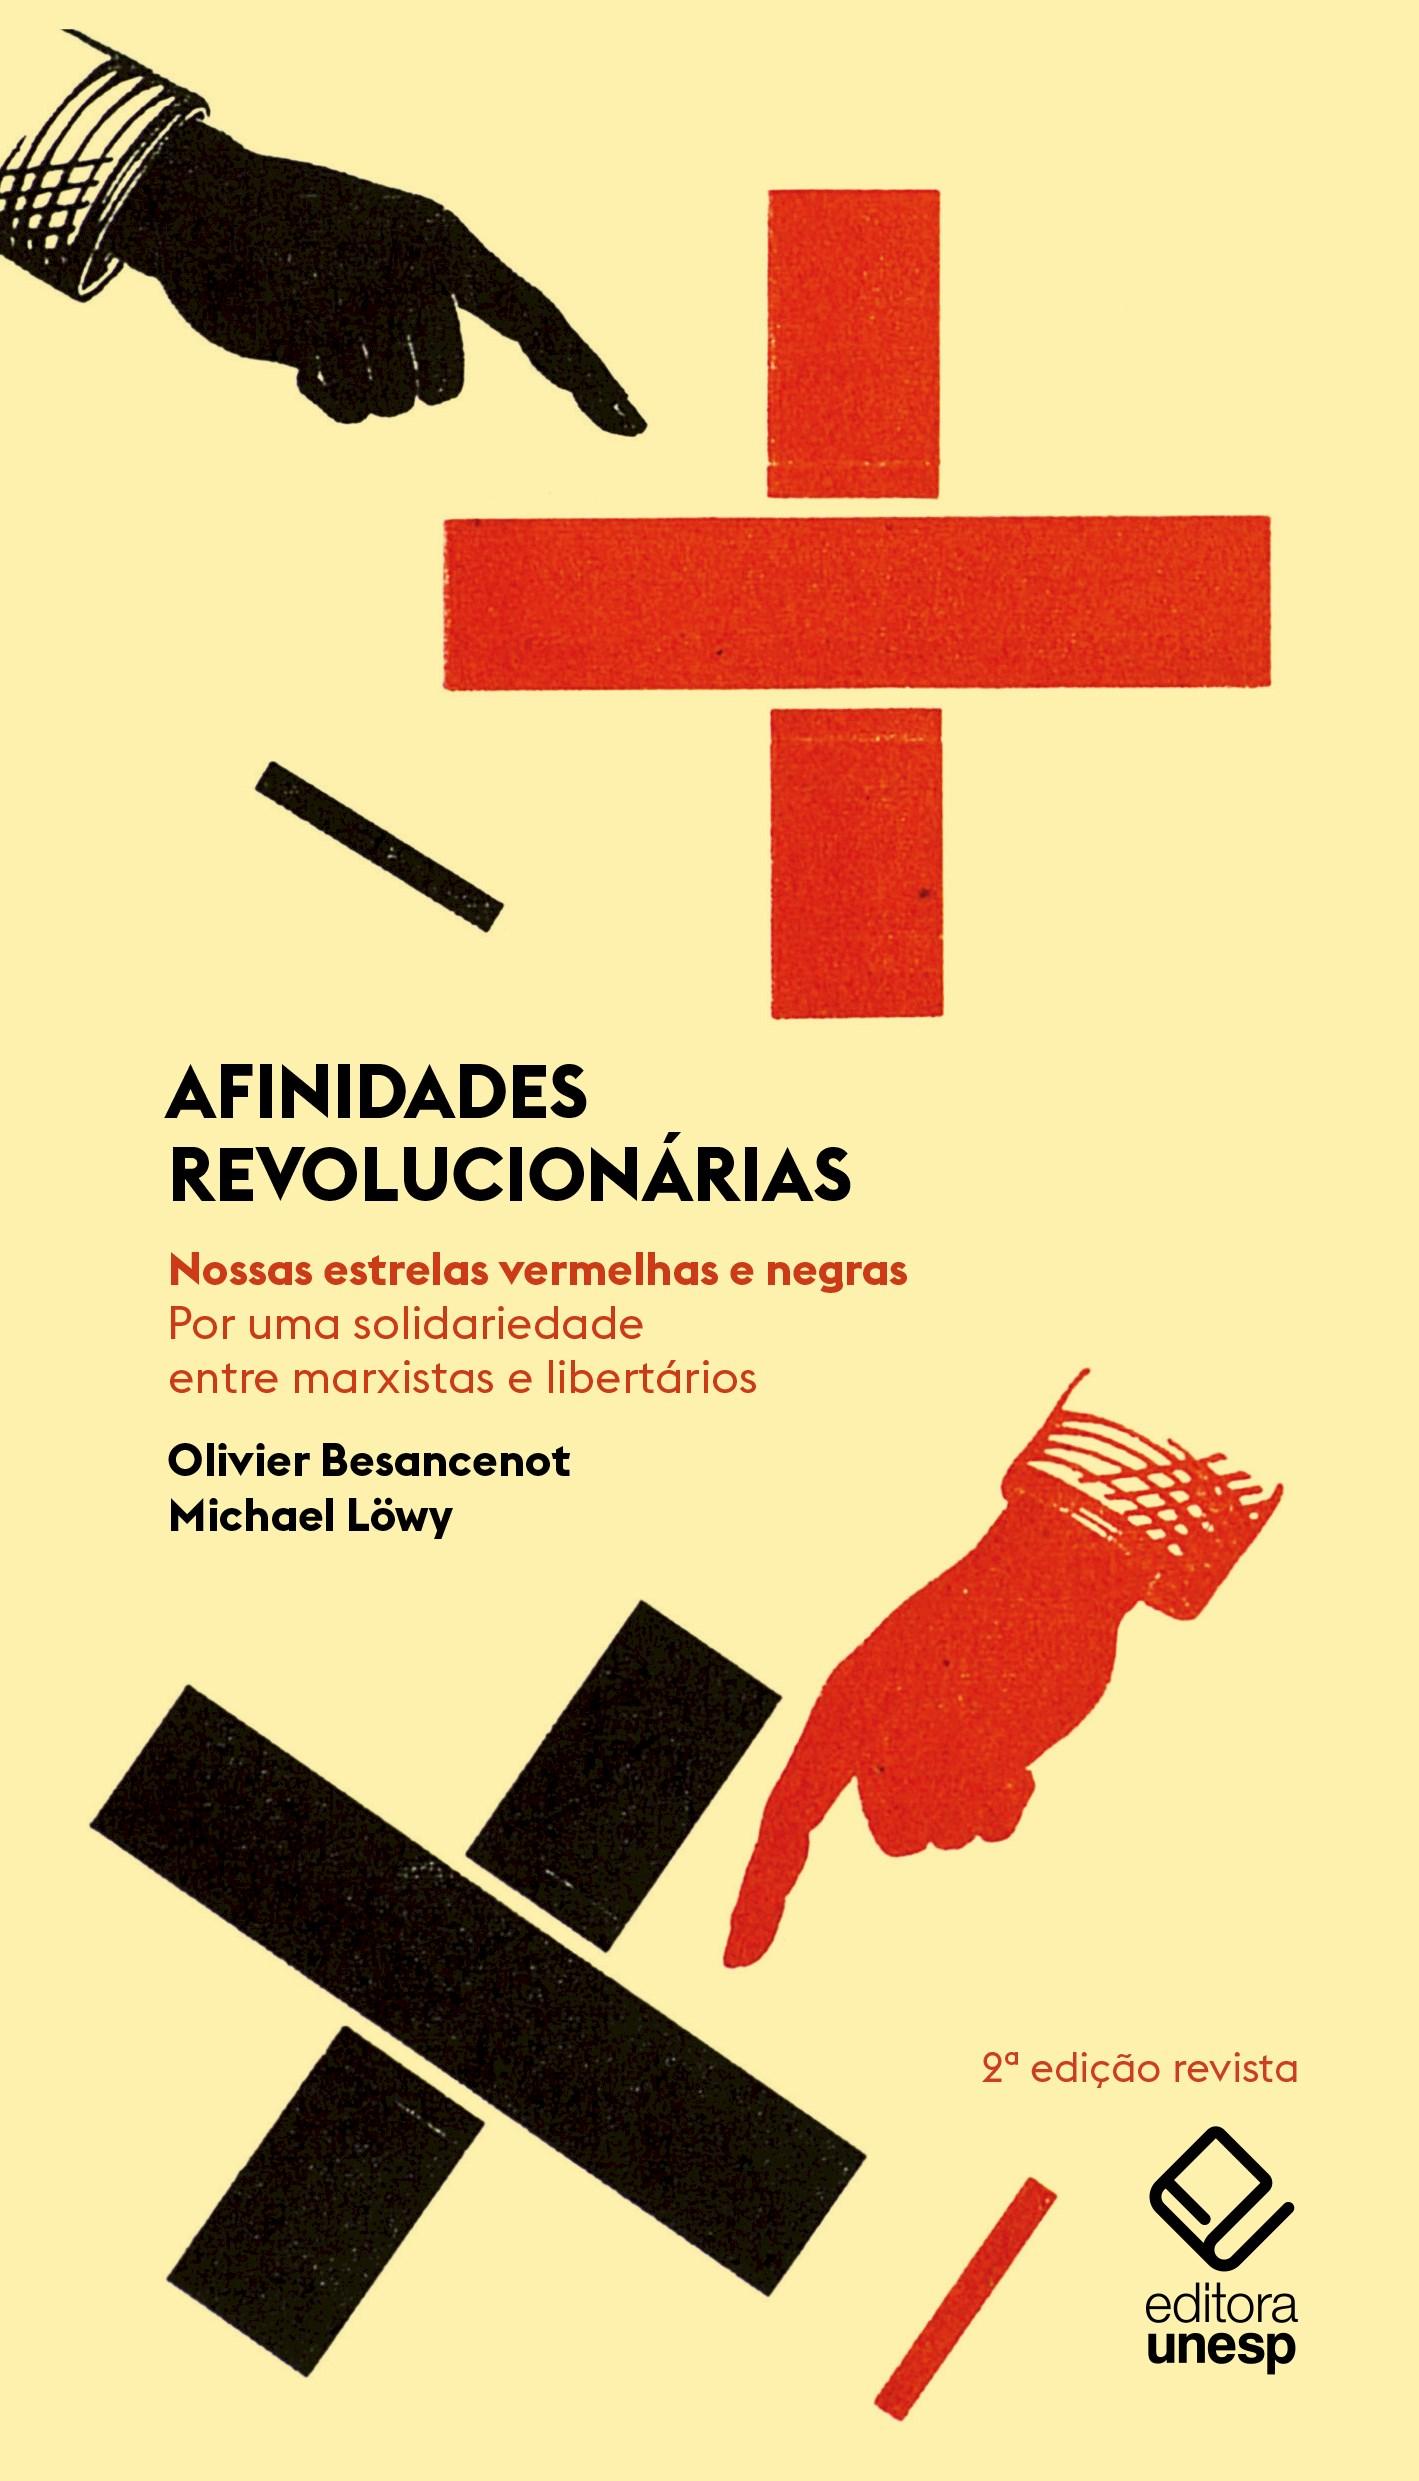 Afinidades revolucionárias - Nossas estrelas vermelhas e negras. Por uma solidariedade entre marxistas e libertários (2ª Edição), livro de Olivier Besancenot, Michael Löwy